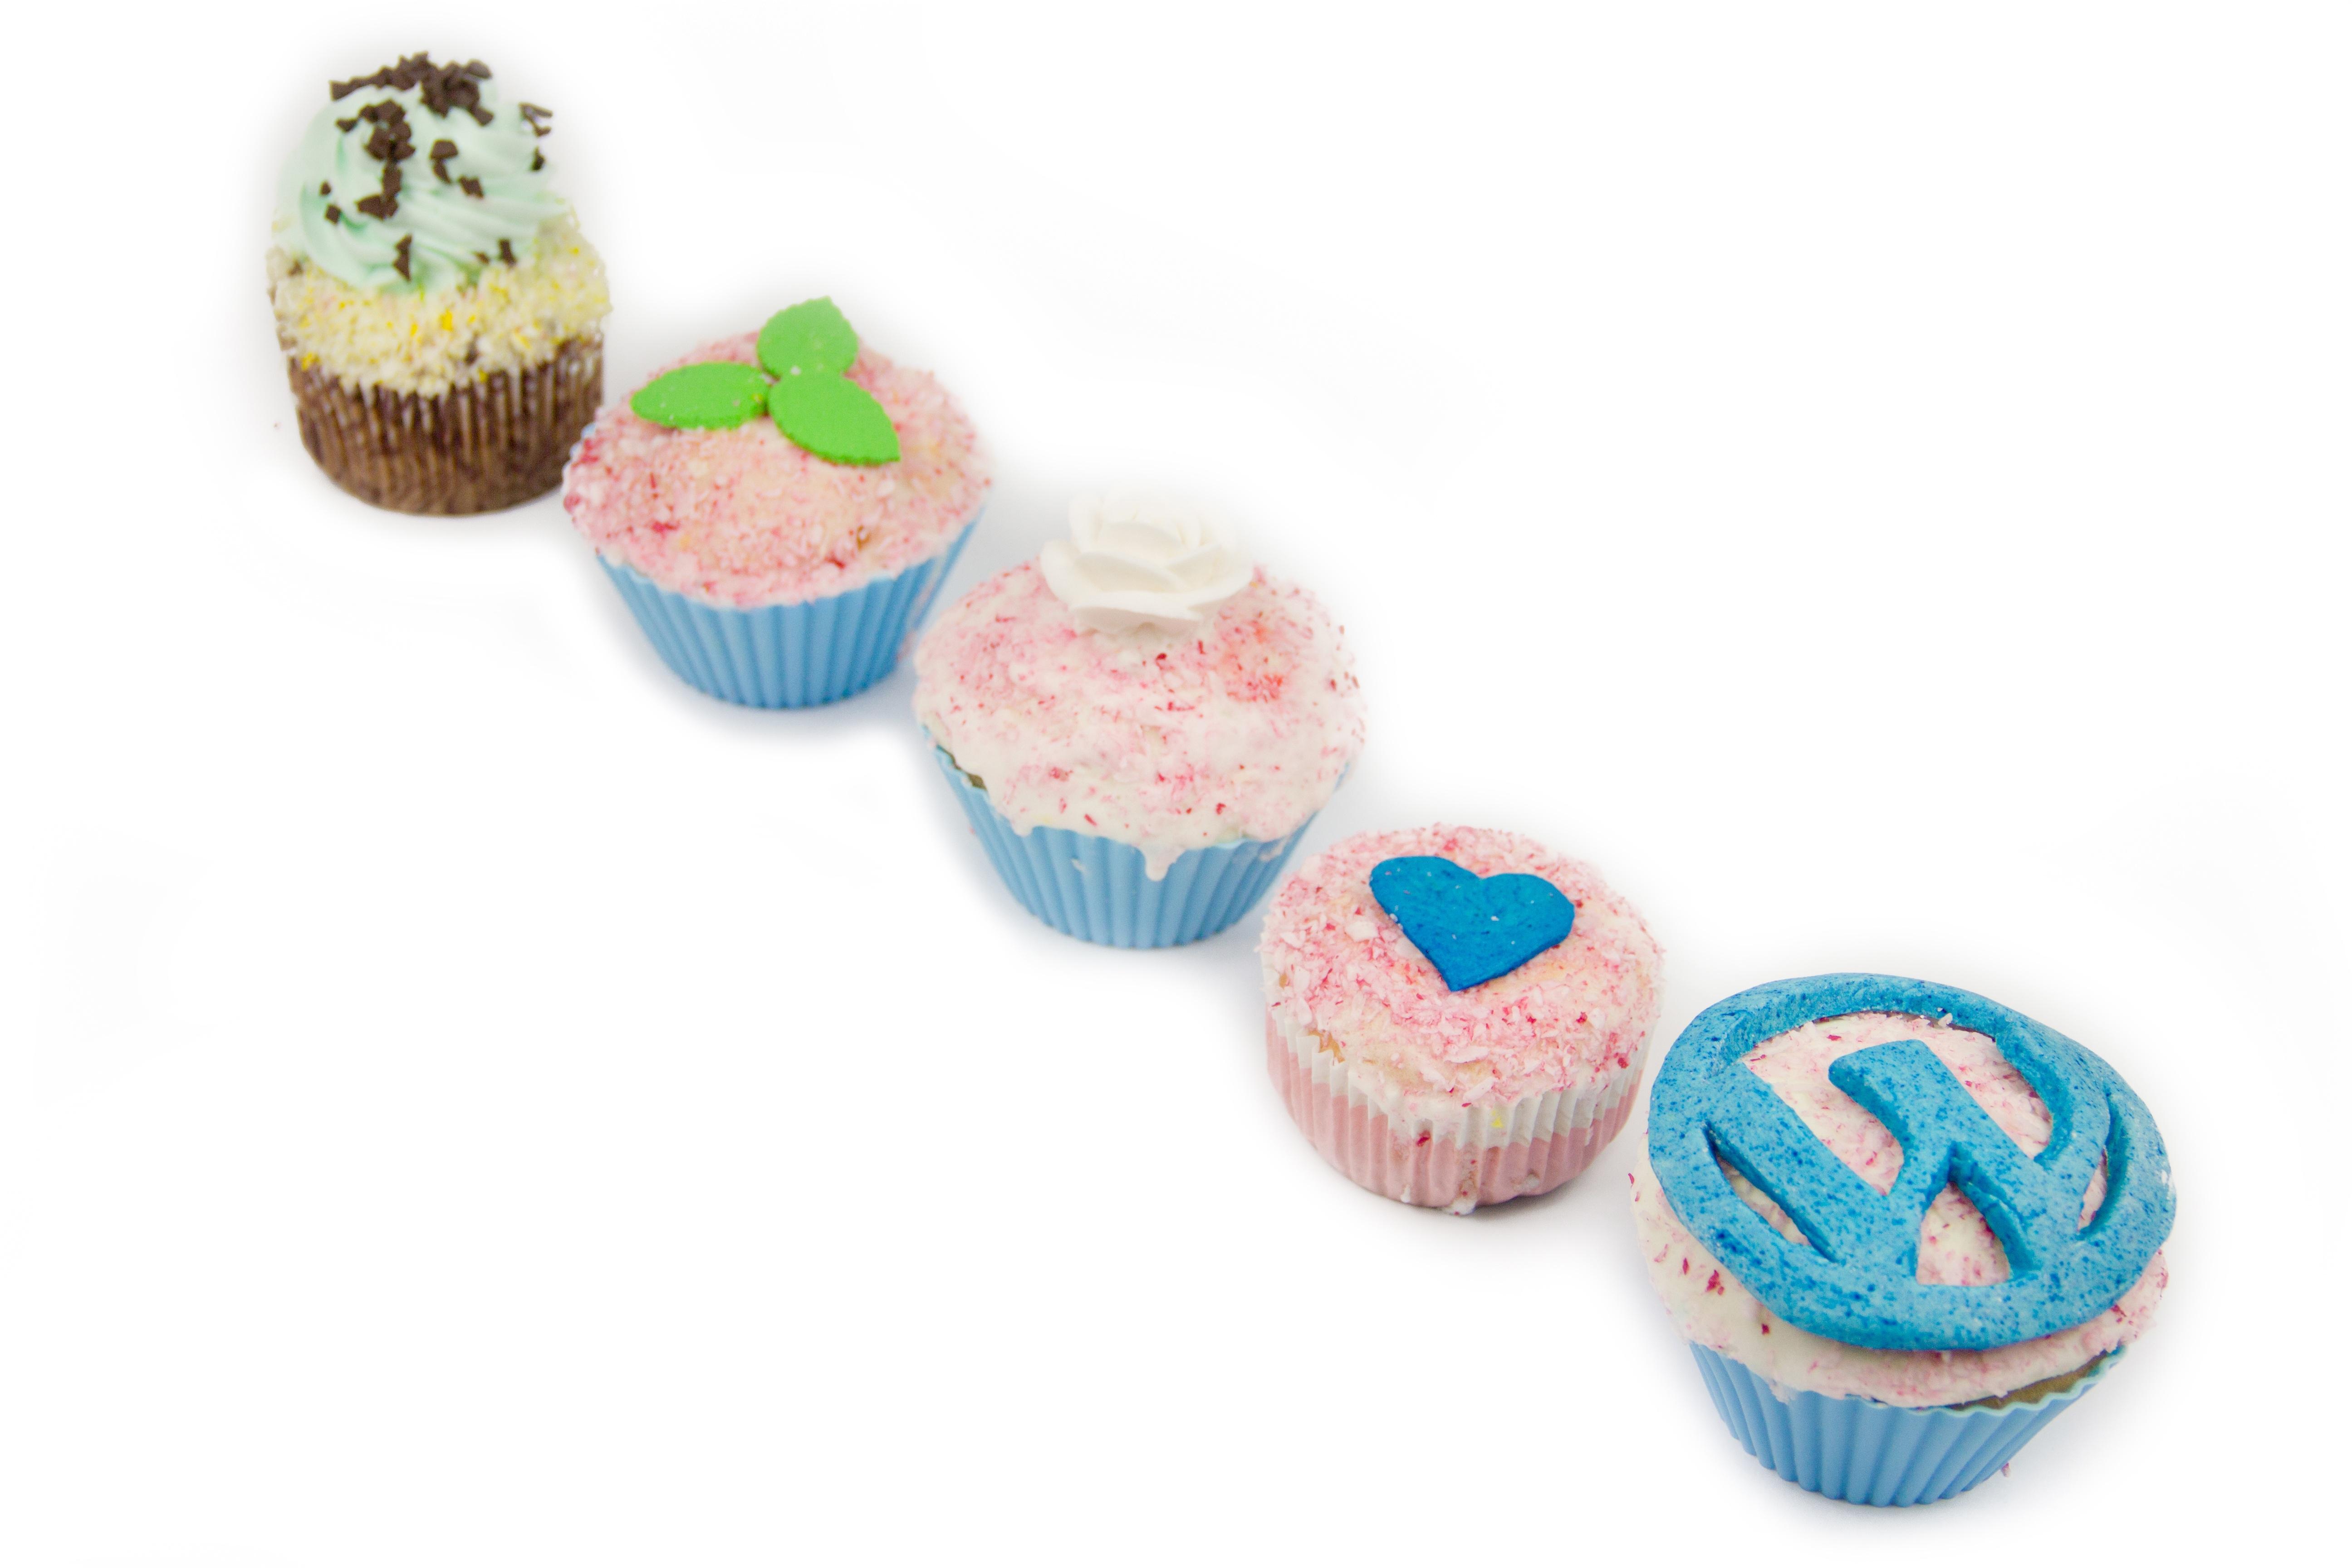 dulce comida magdalena postre crema delicioso pastel panadera diseo dulces formacin de hielo wordpress magdalenas decoracin